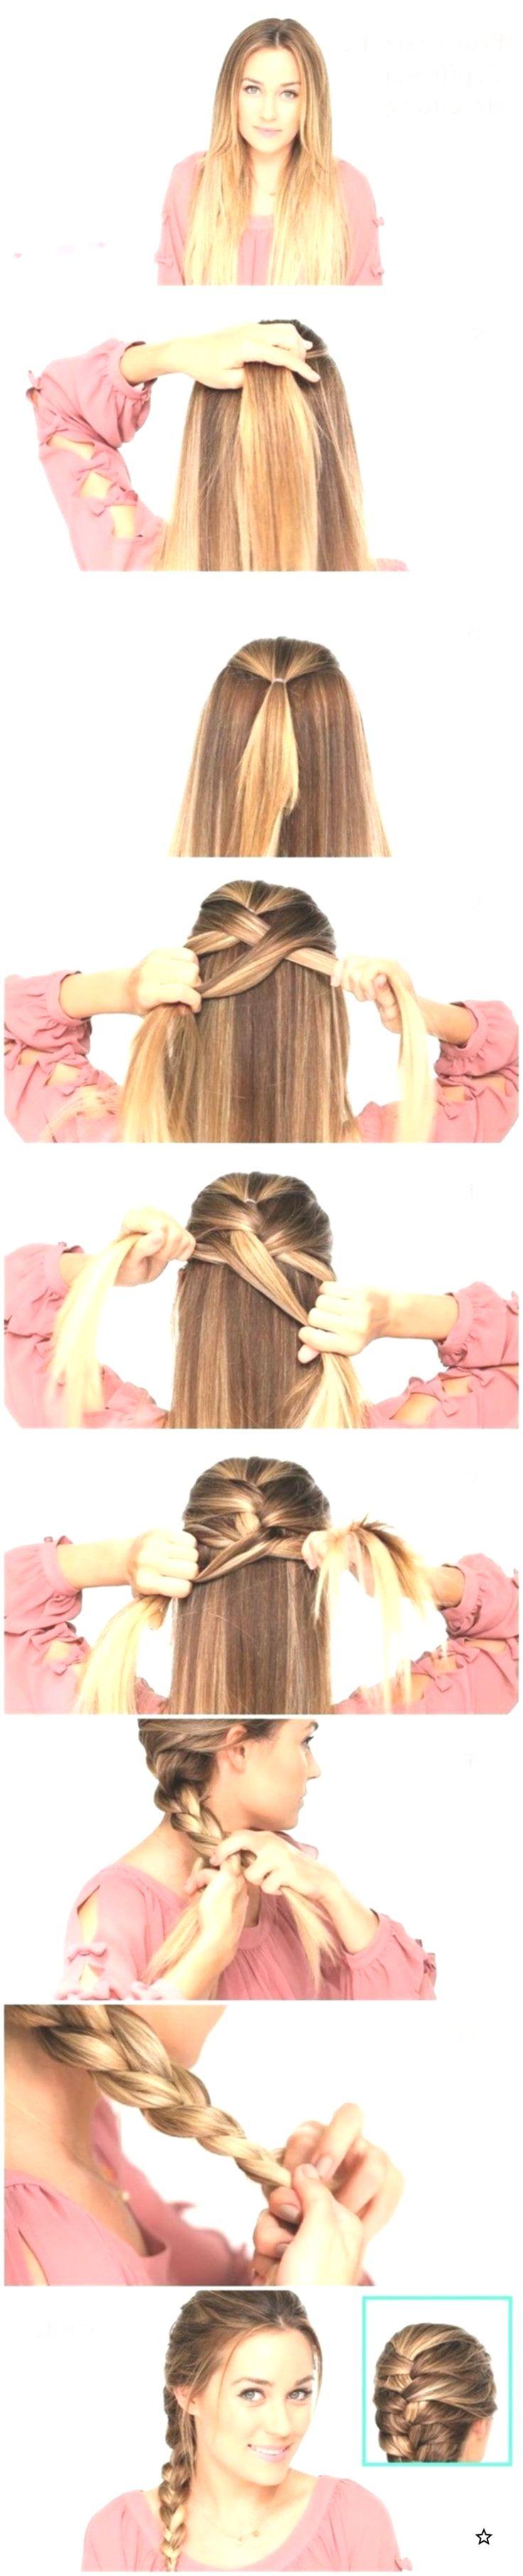 Easy Braided Hairstyles Tutorials: Trendy Frisur für glattes langes Haar, #Braided #Easy #Hair #Frisur #Frisuren